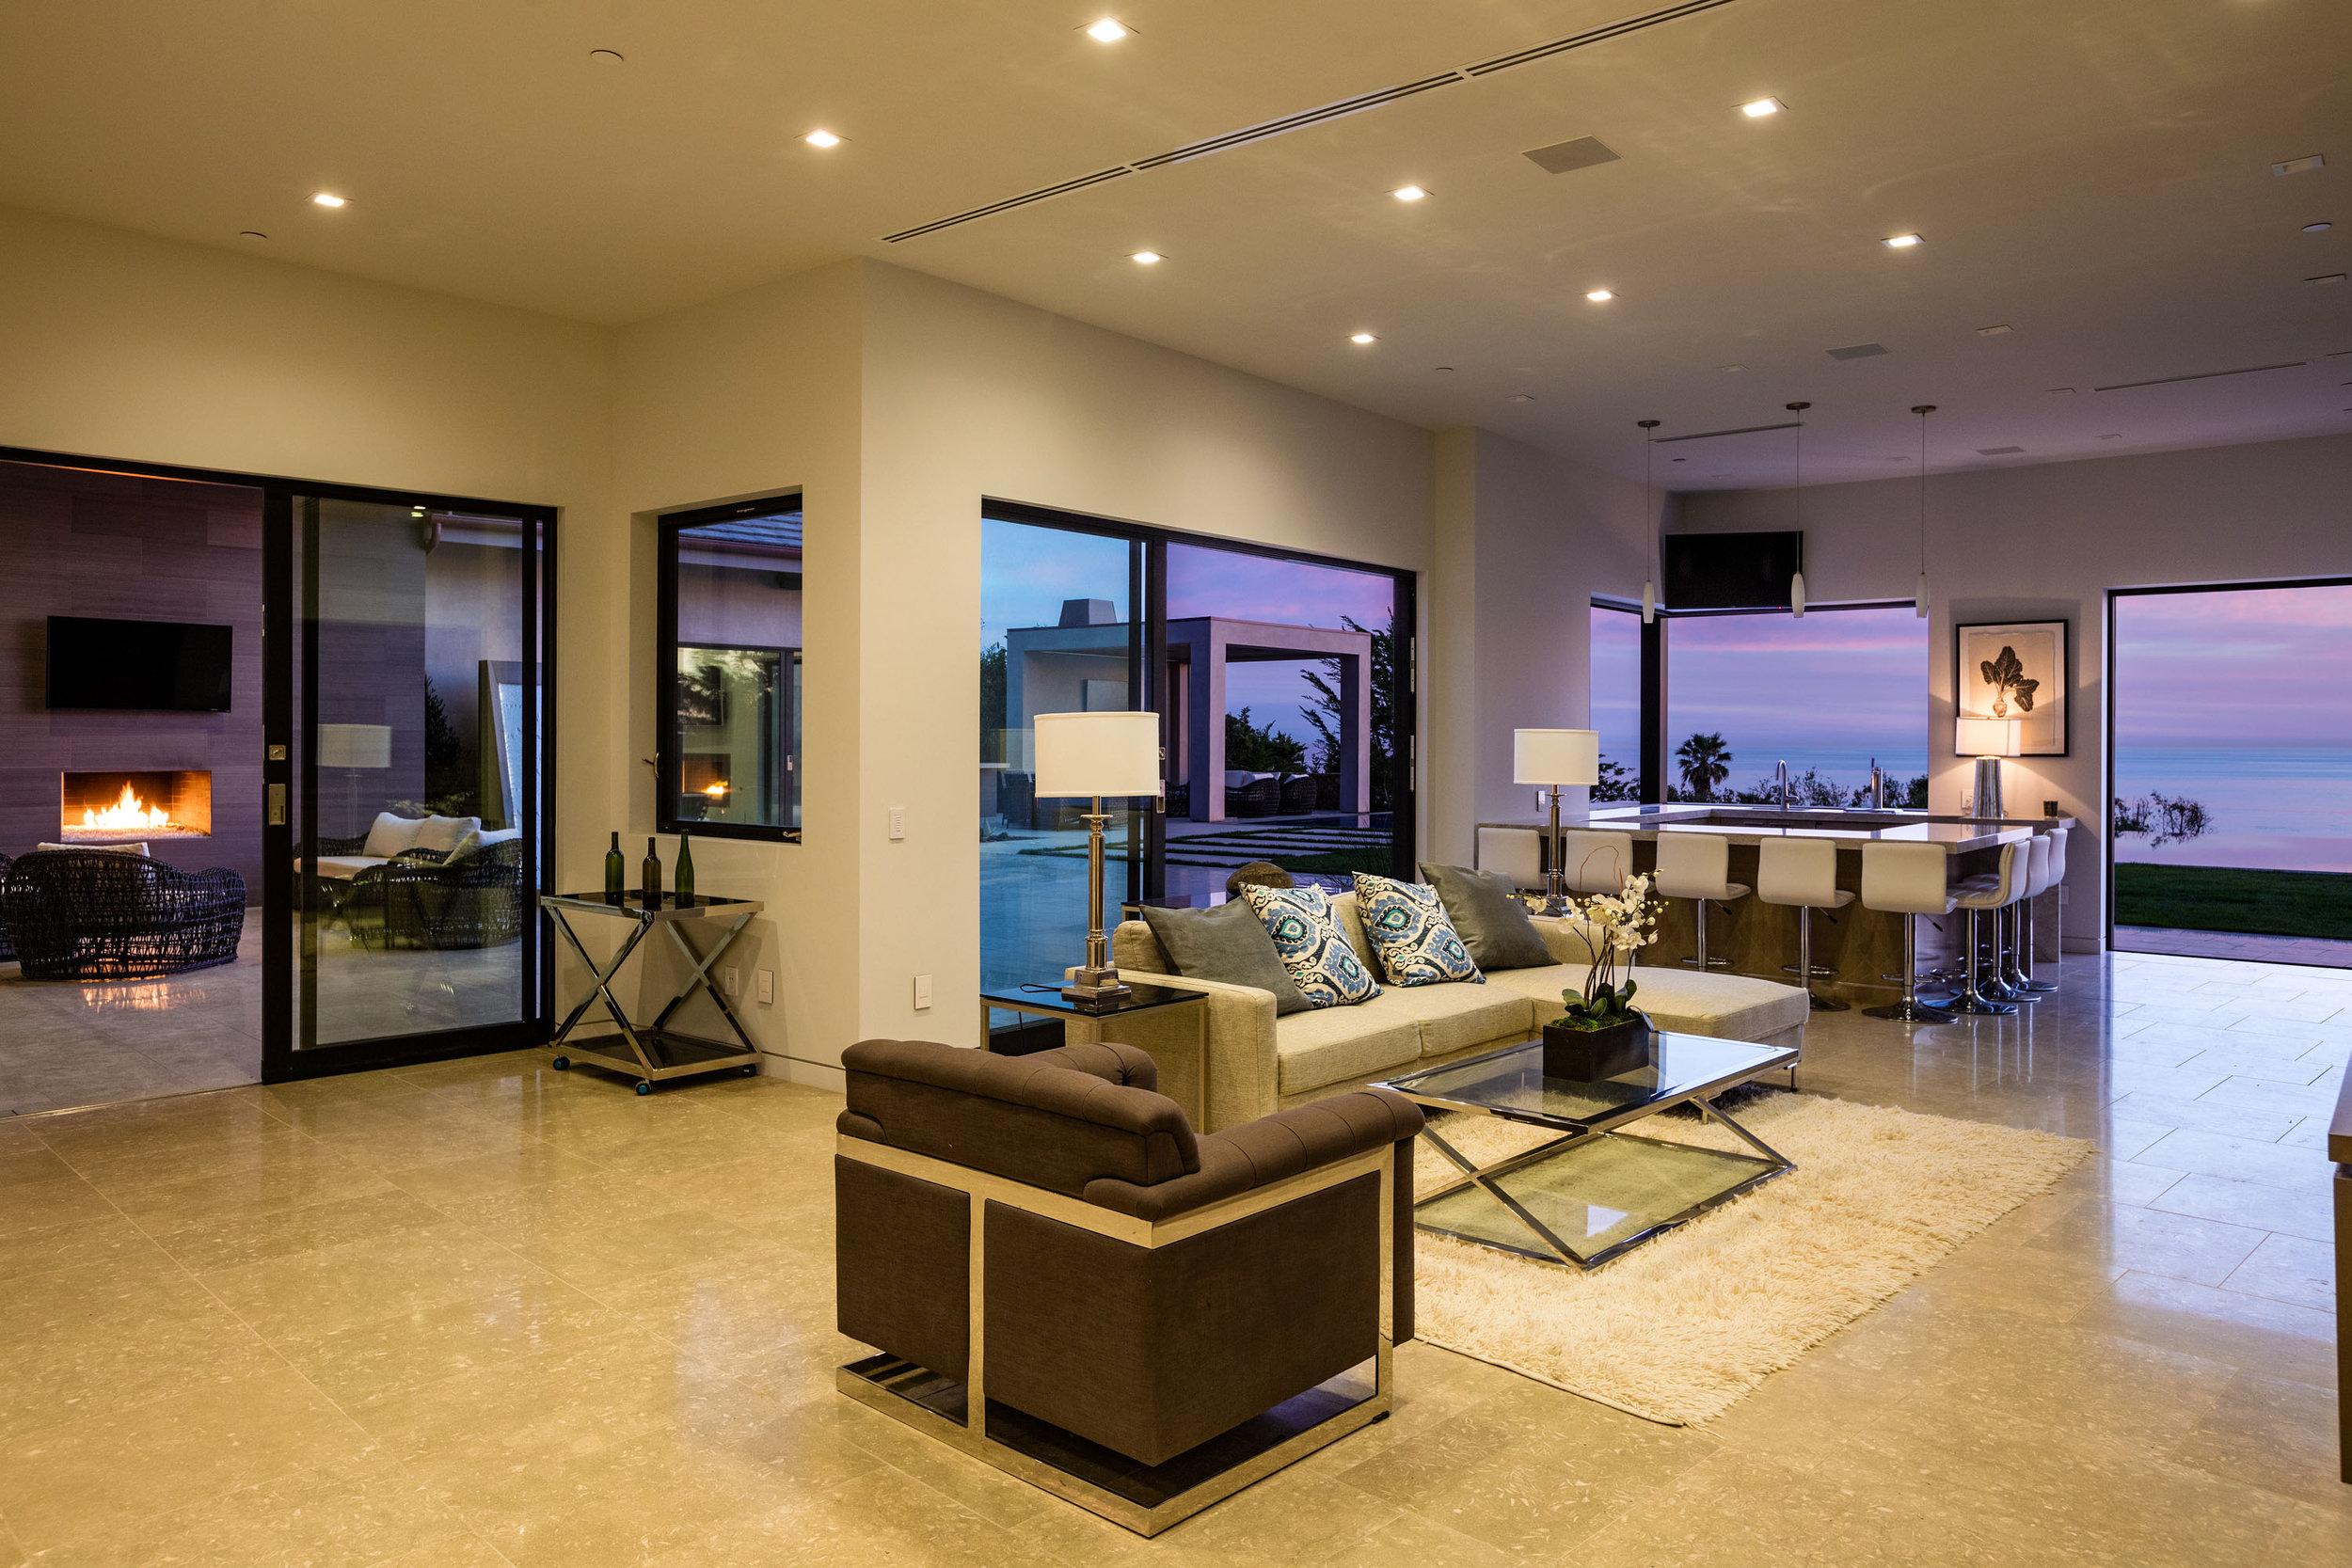 023 living room bar sunset 11902 Ellice Street Malibu For Sale The Malibu Life Team Luxury Real Estate.jpg